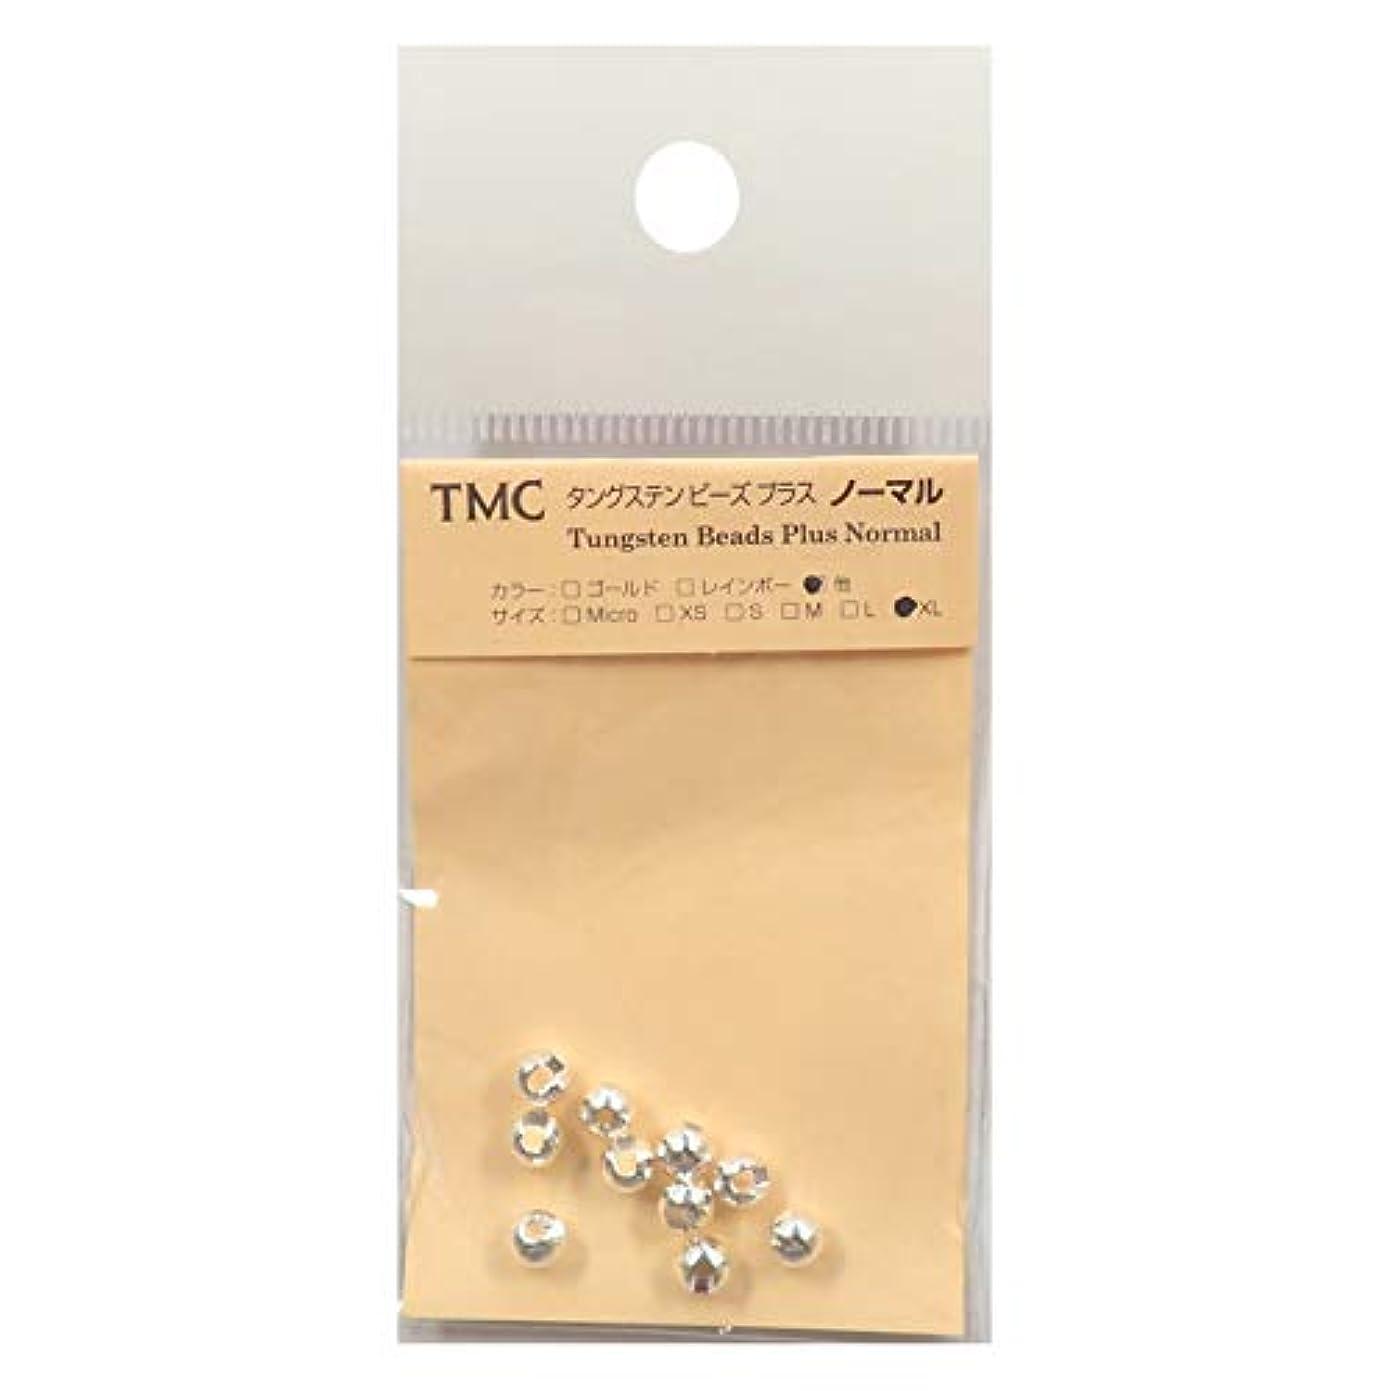 ガジュマル名前で考案するティムコ(TIEMCO) TMCタングステンビーズ+ SLV ノーマル XL 4.6mm